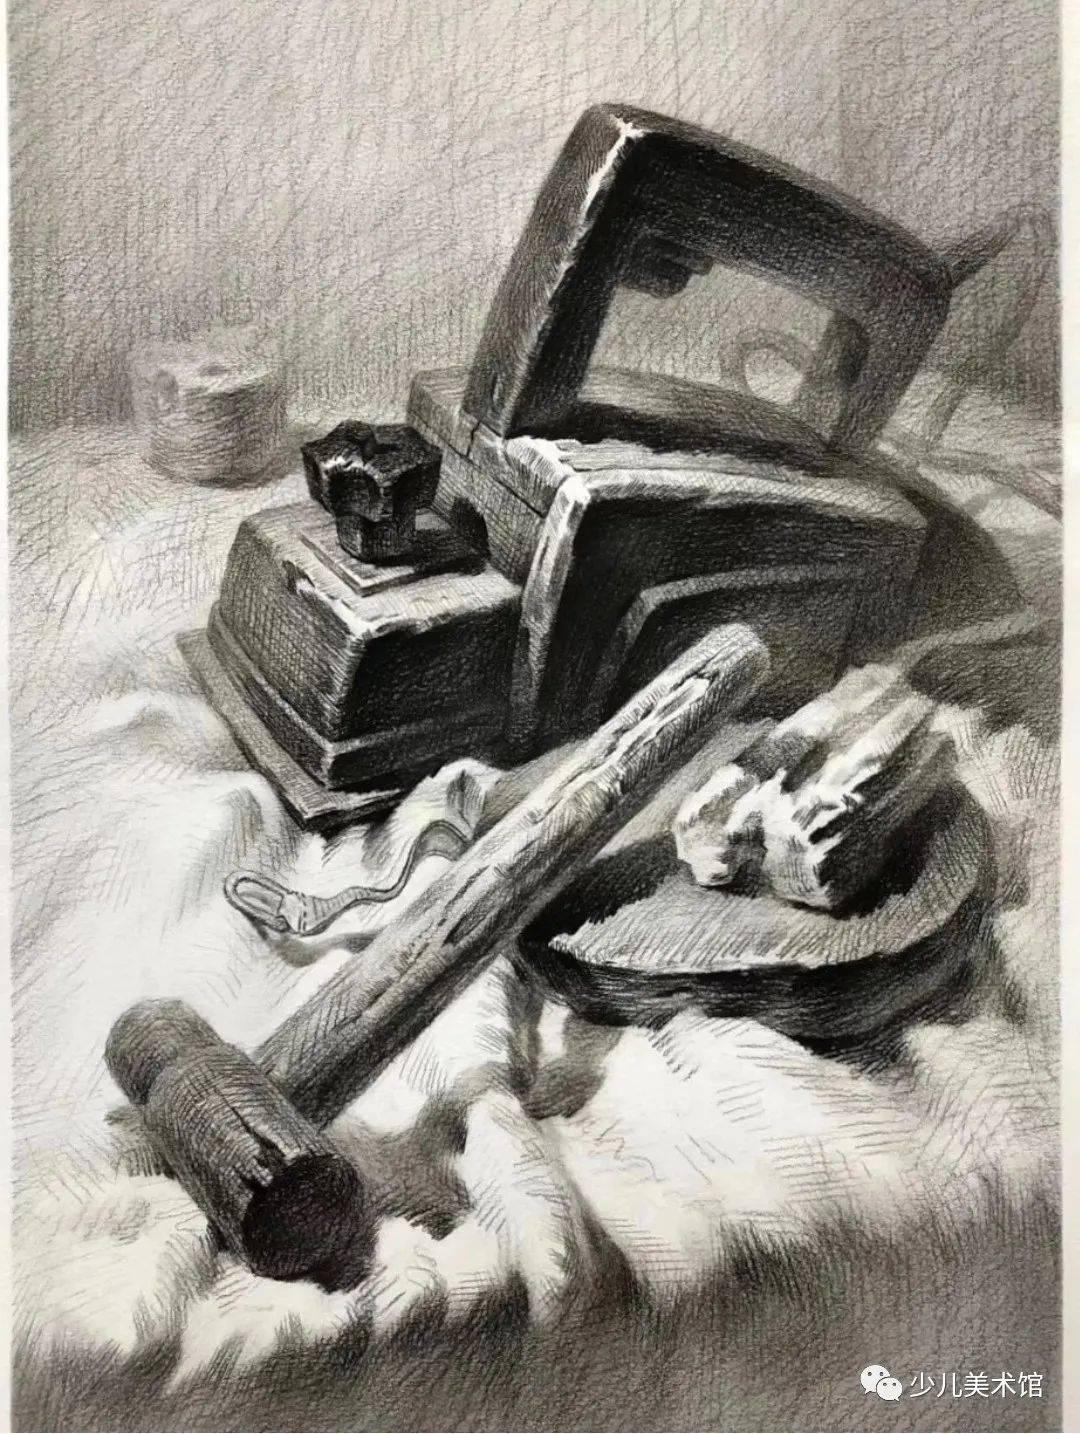 素描素材‖近百张大师素描作品+技法讲解,素描学习必备收藏!  第5张